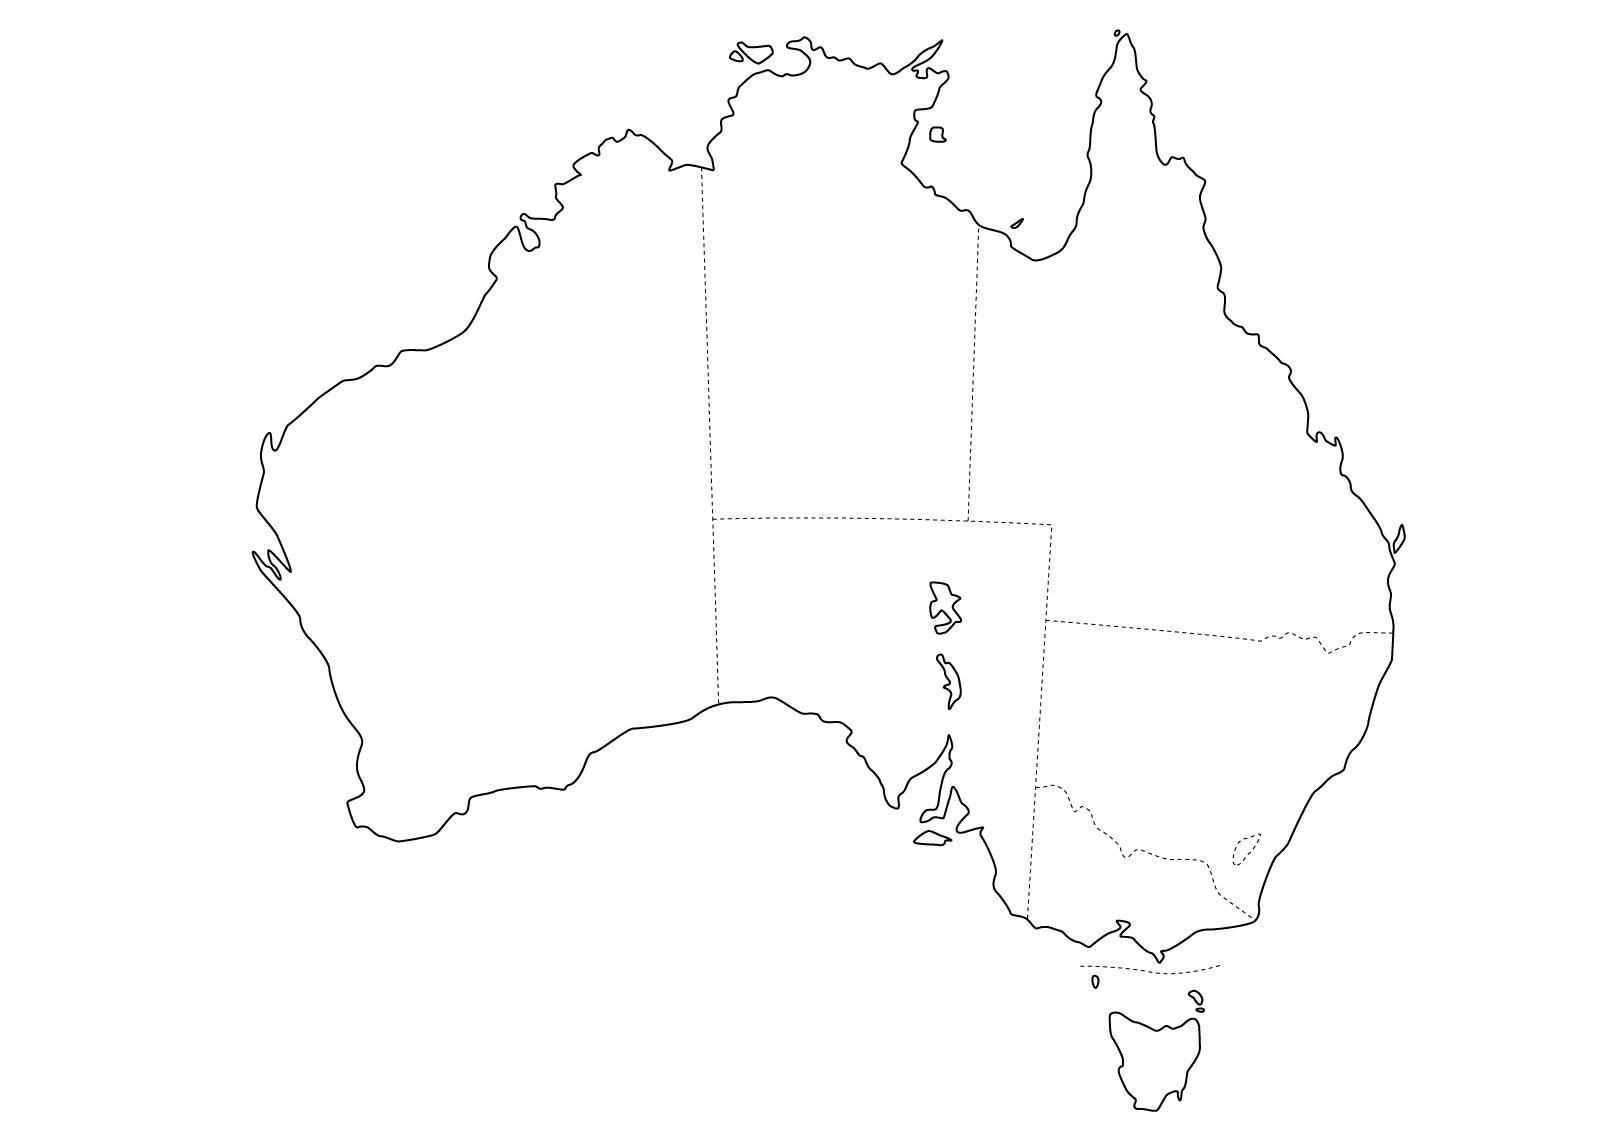 Mapa político mudo de Australia para imprimir Mapa de estados de ...